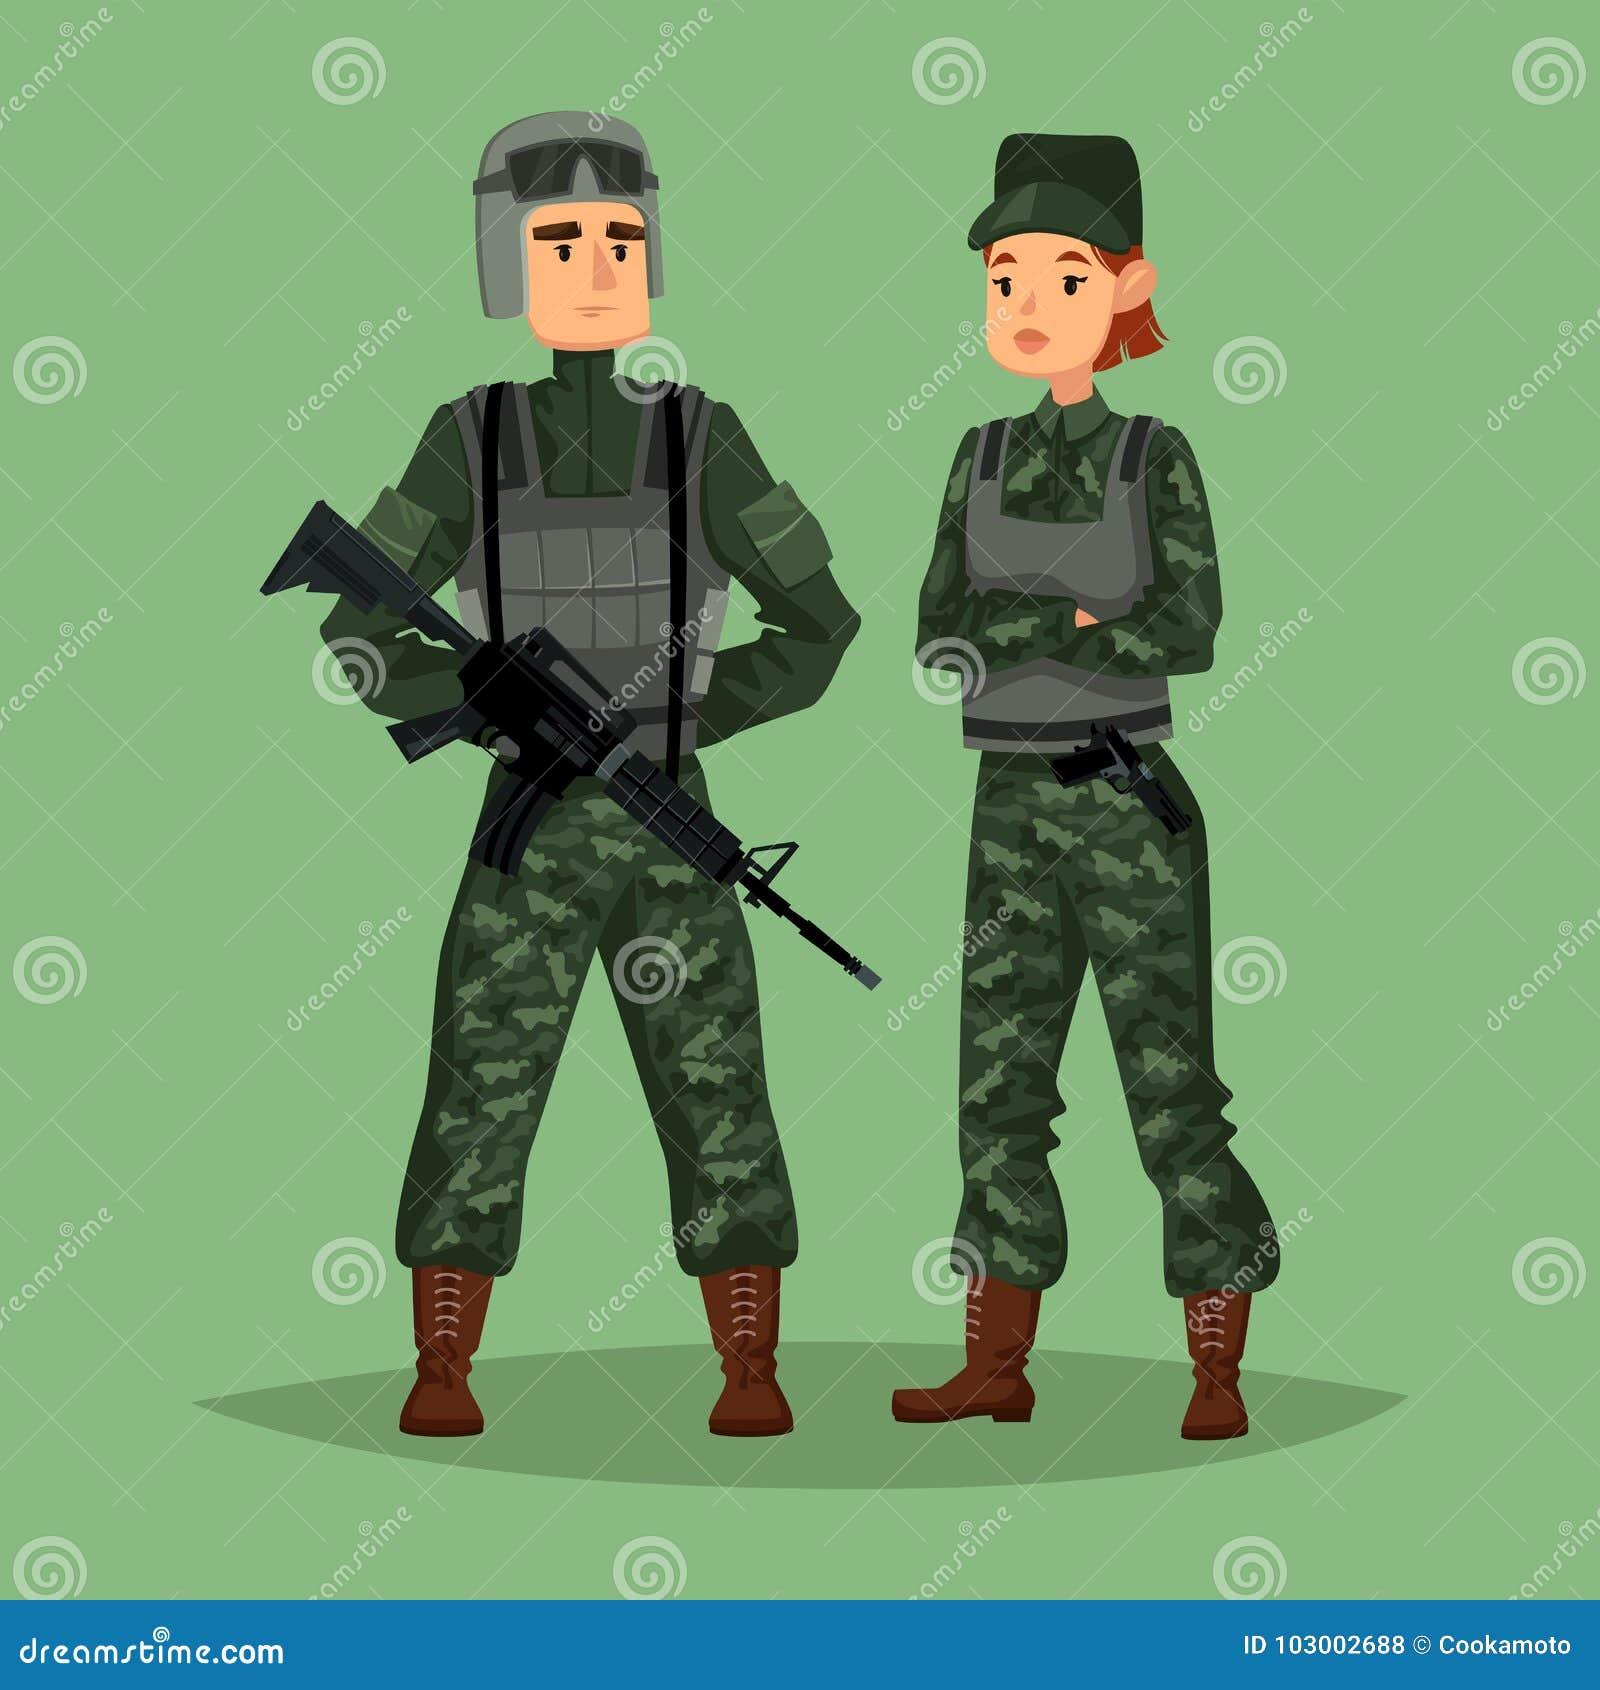 why do women like military men